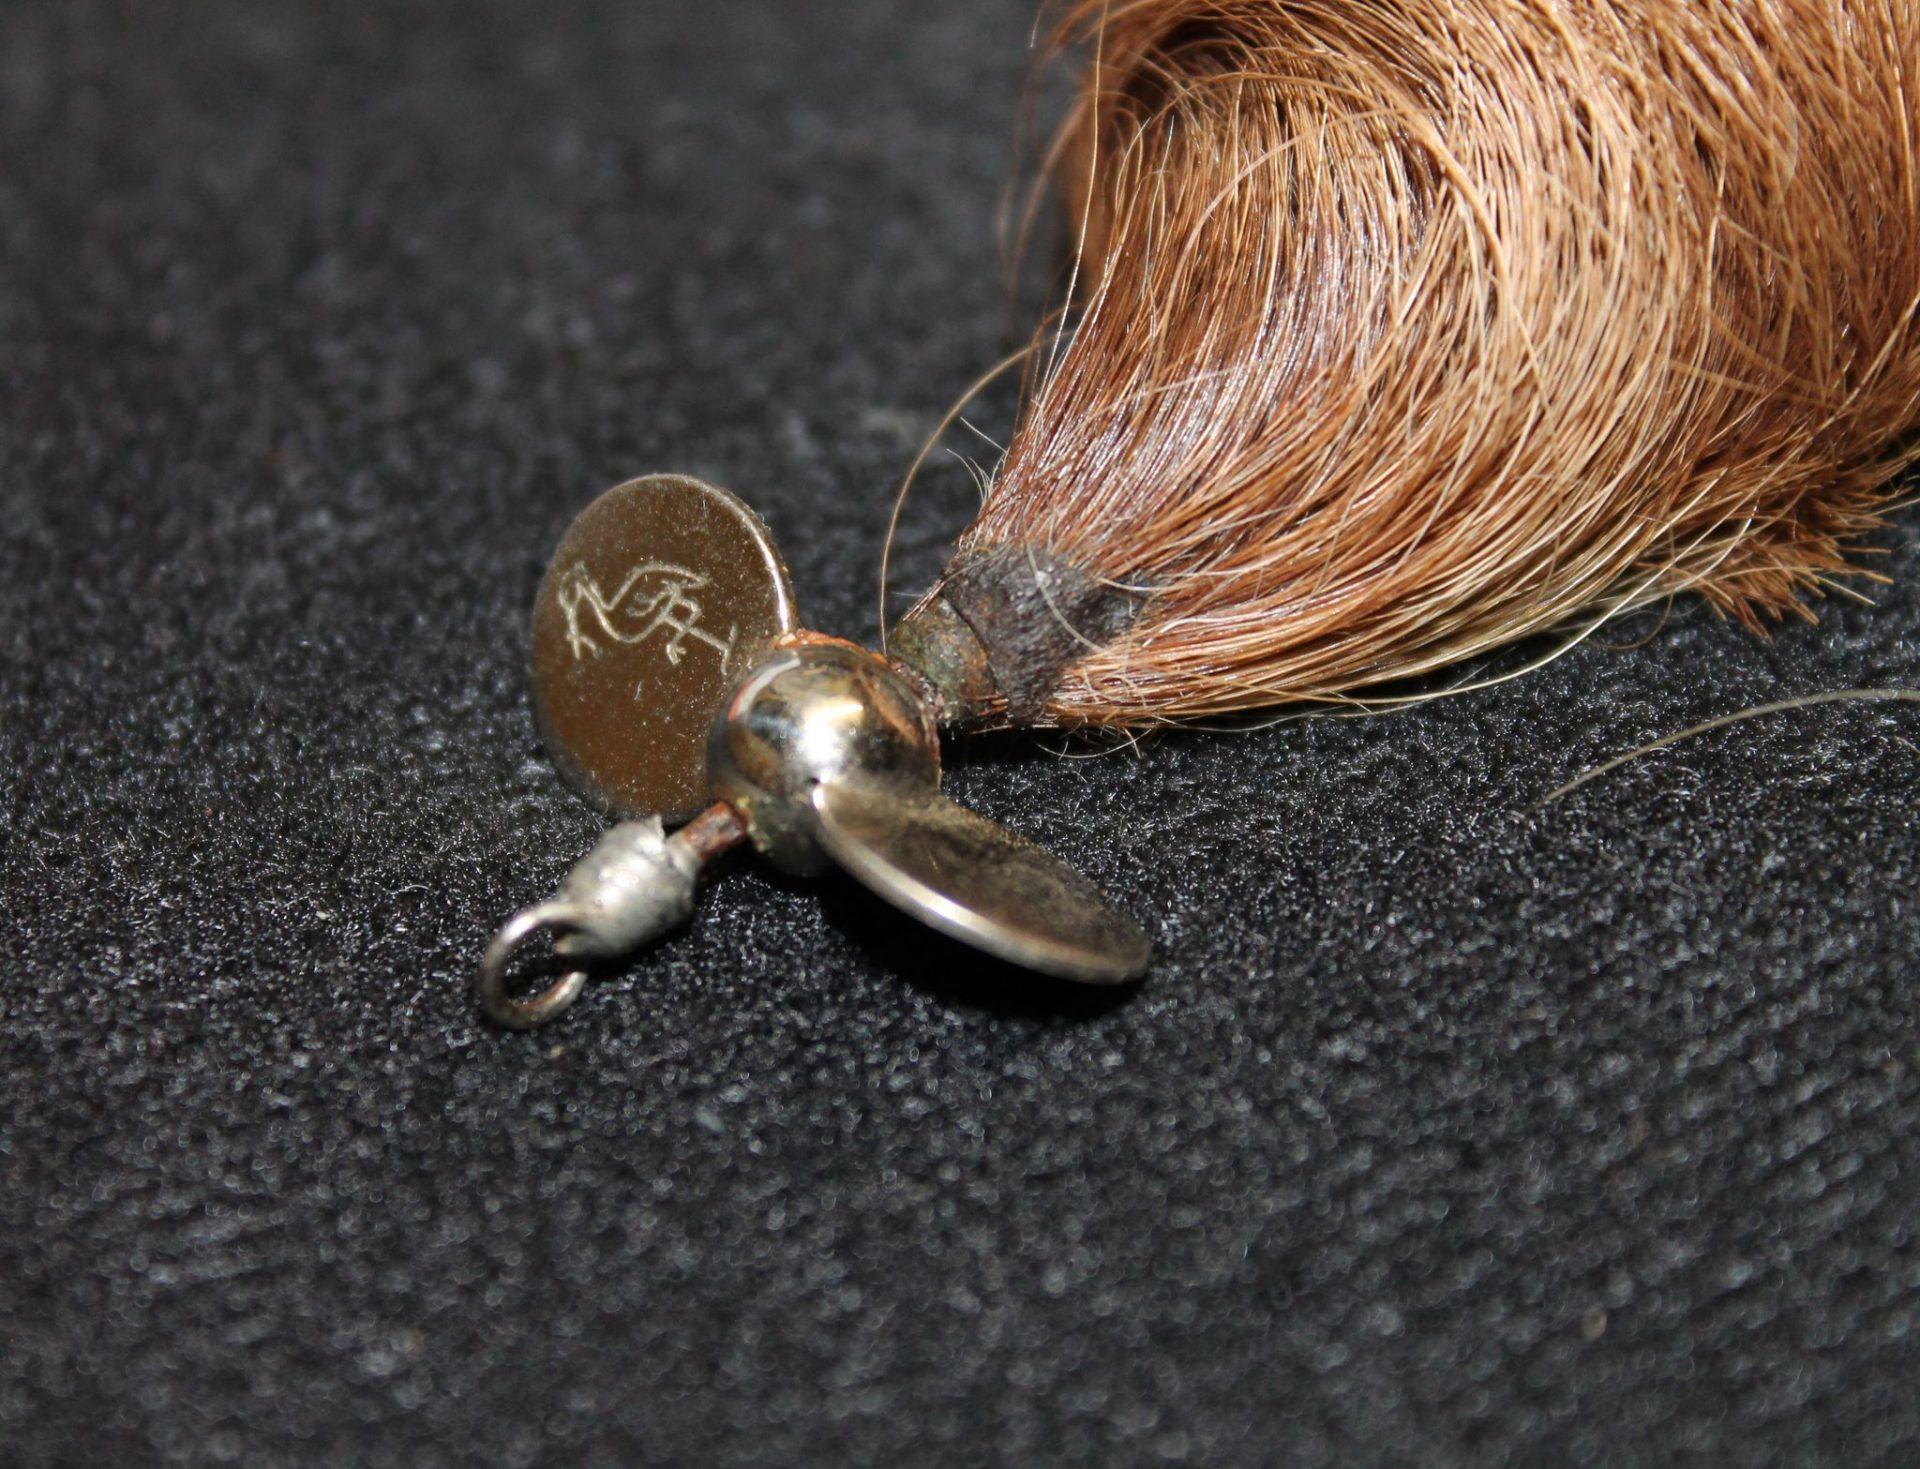 Stork Mausspinner